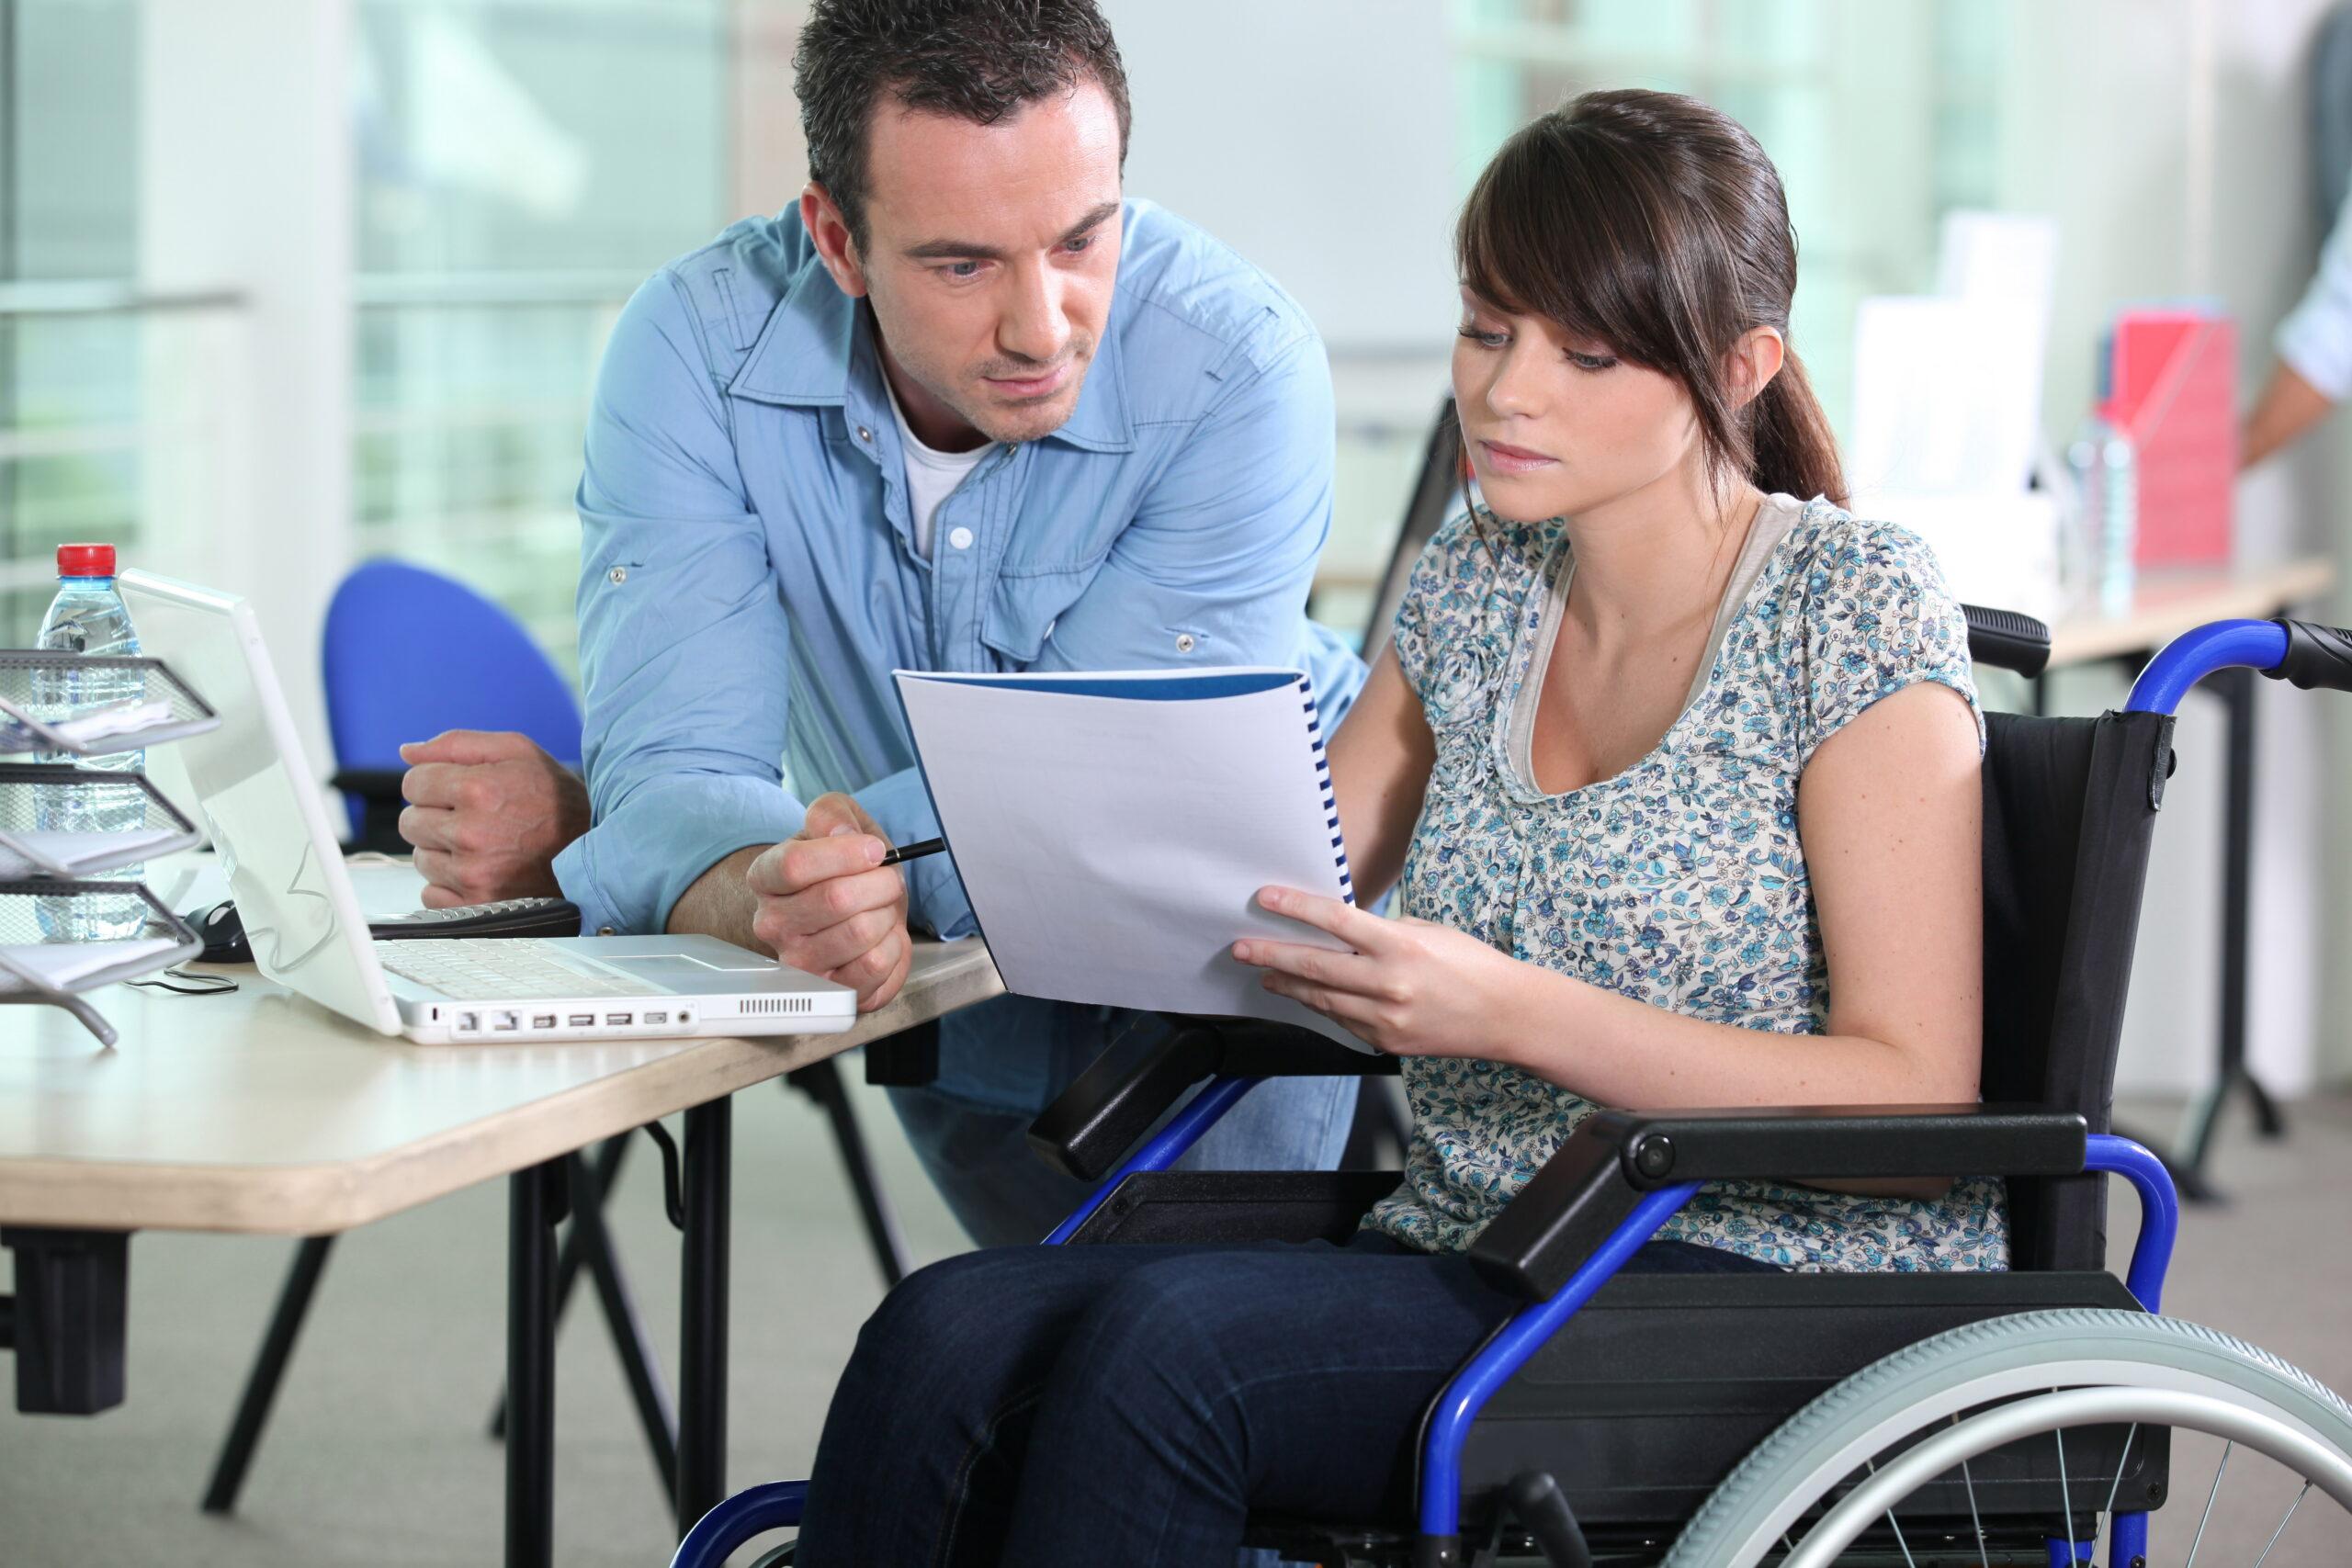 Kwalifikacyjne Kursy Zawodowe dla osób z niepełnosprawnościami